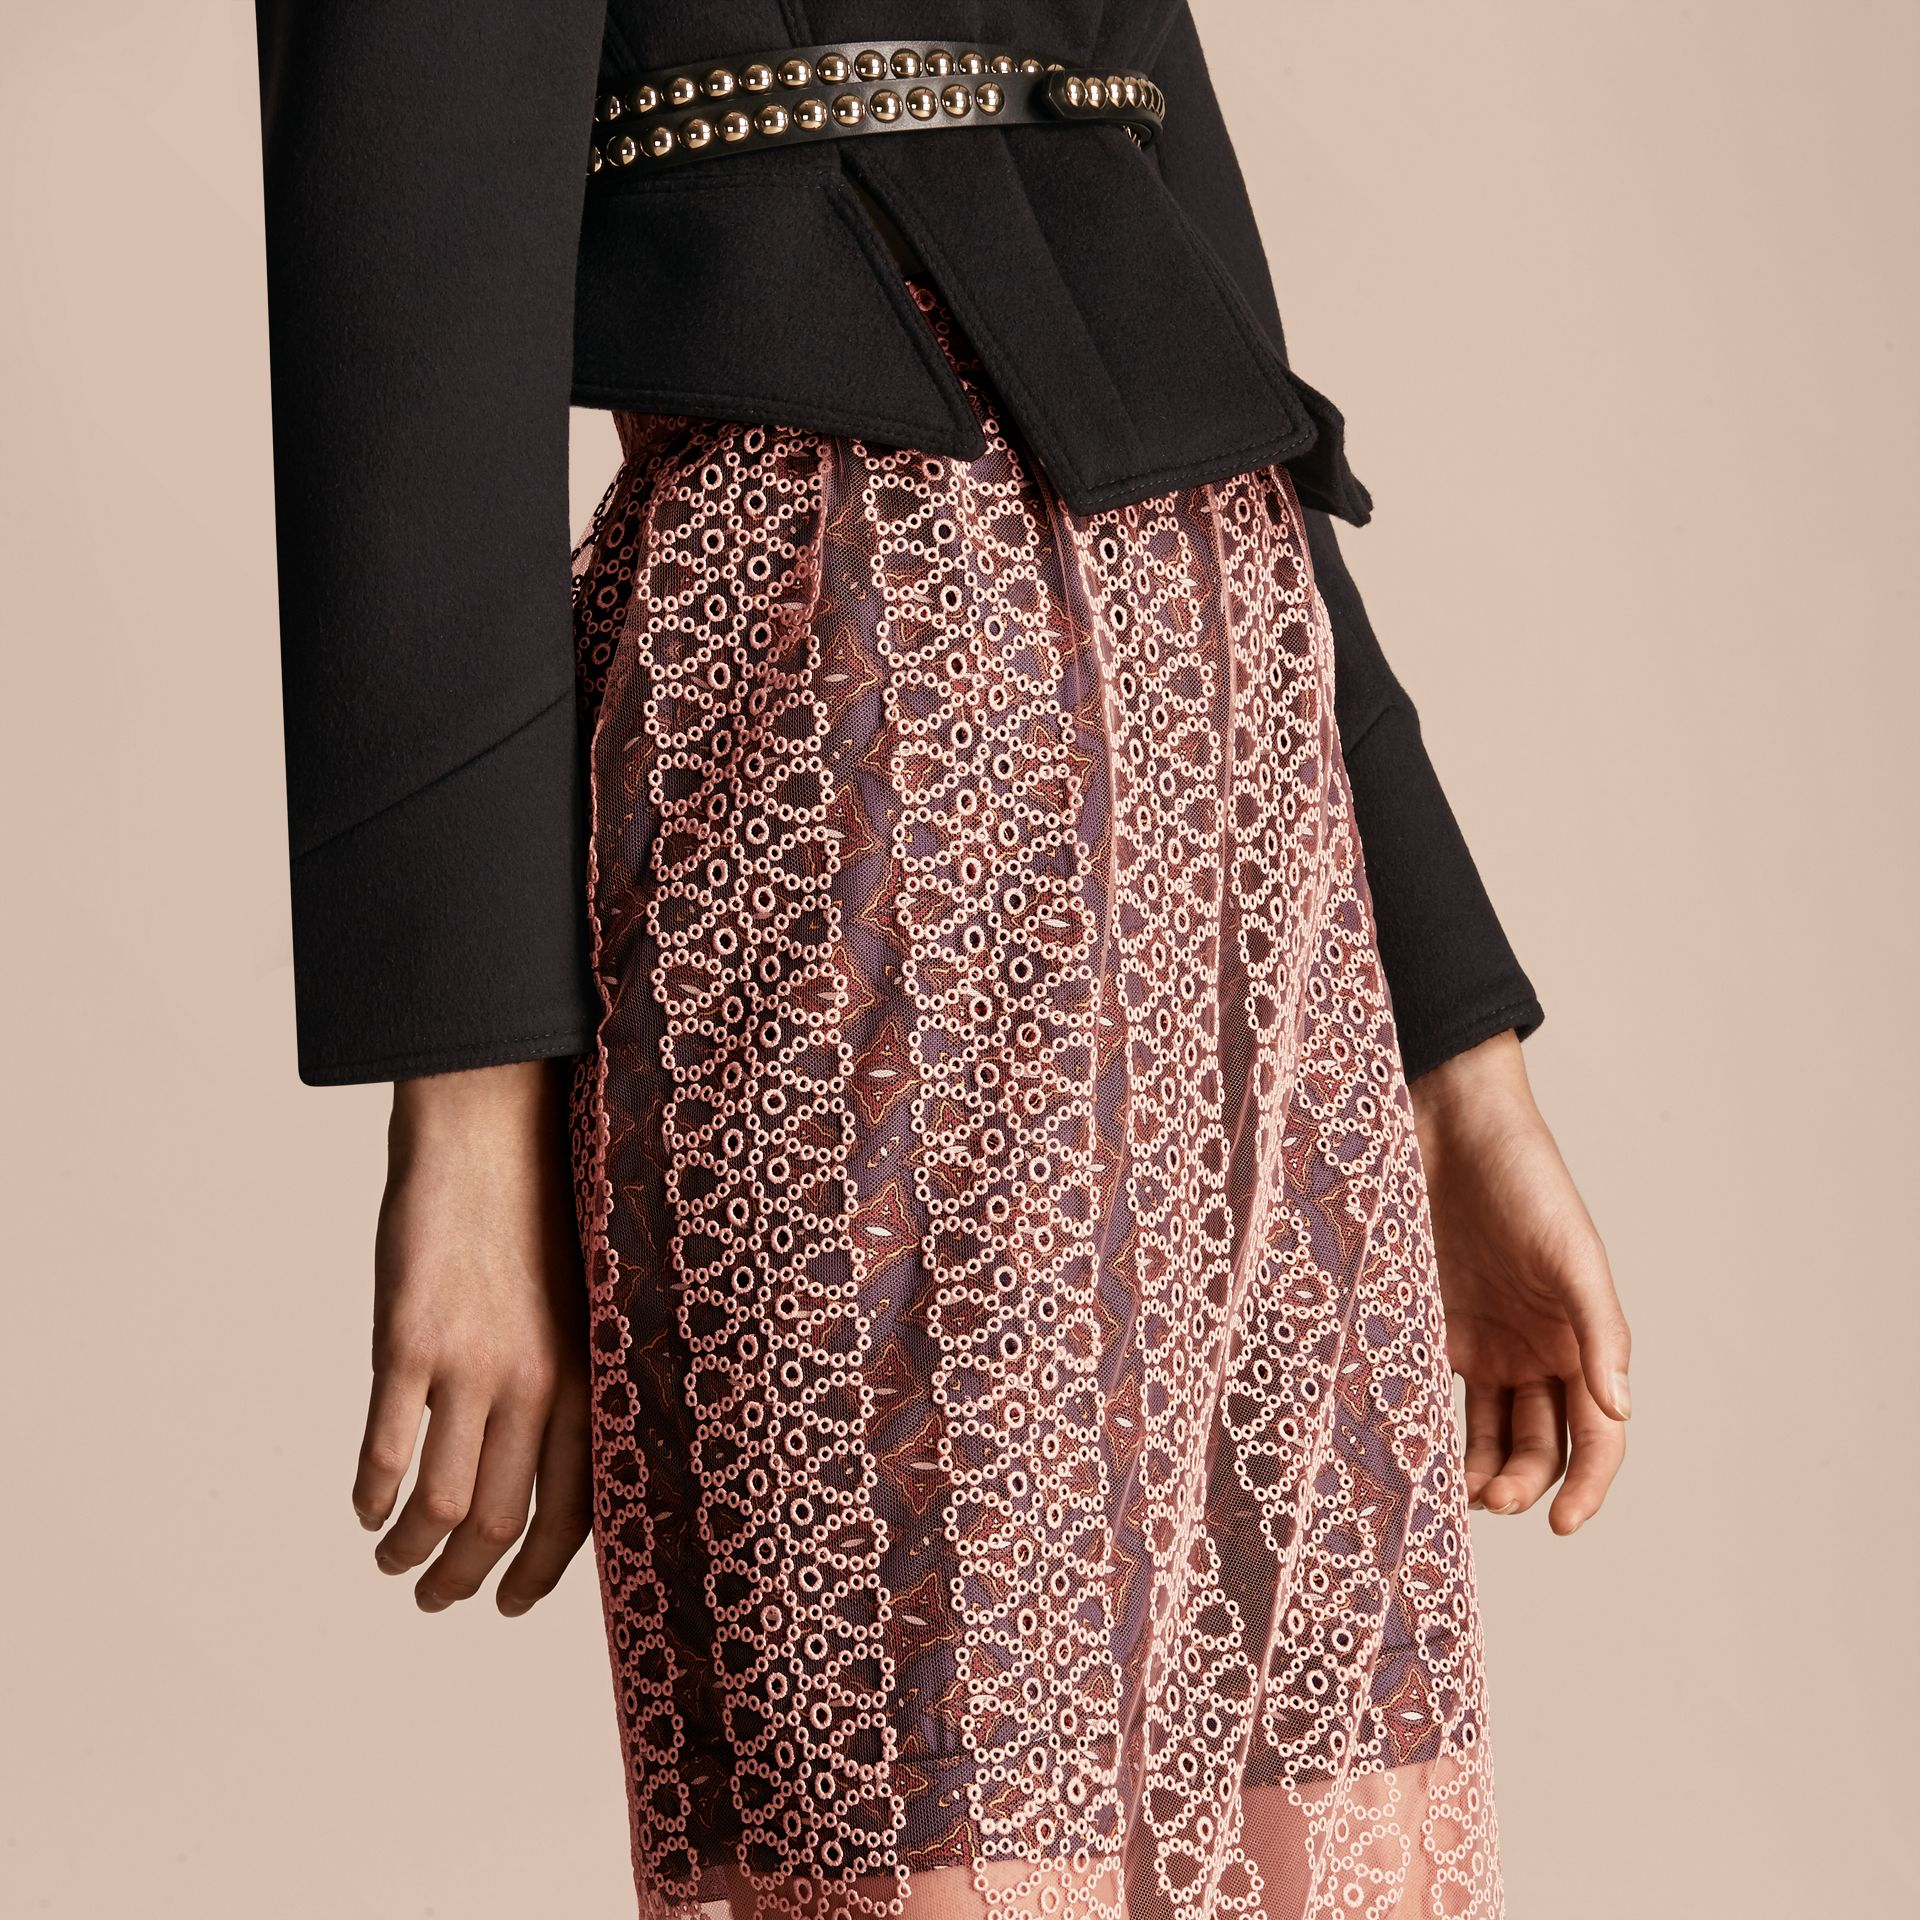 Rosa claro Saia estilo coluna de tule com faixas de bordado - galeria de imagens 5